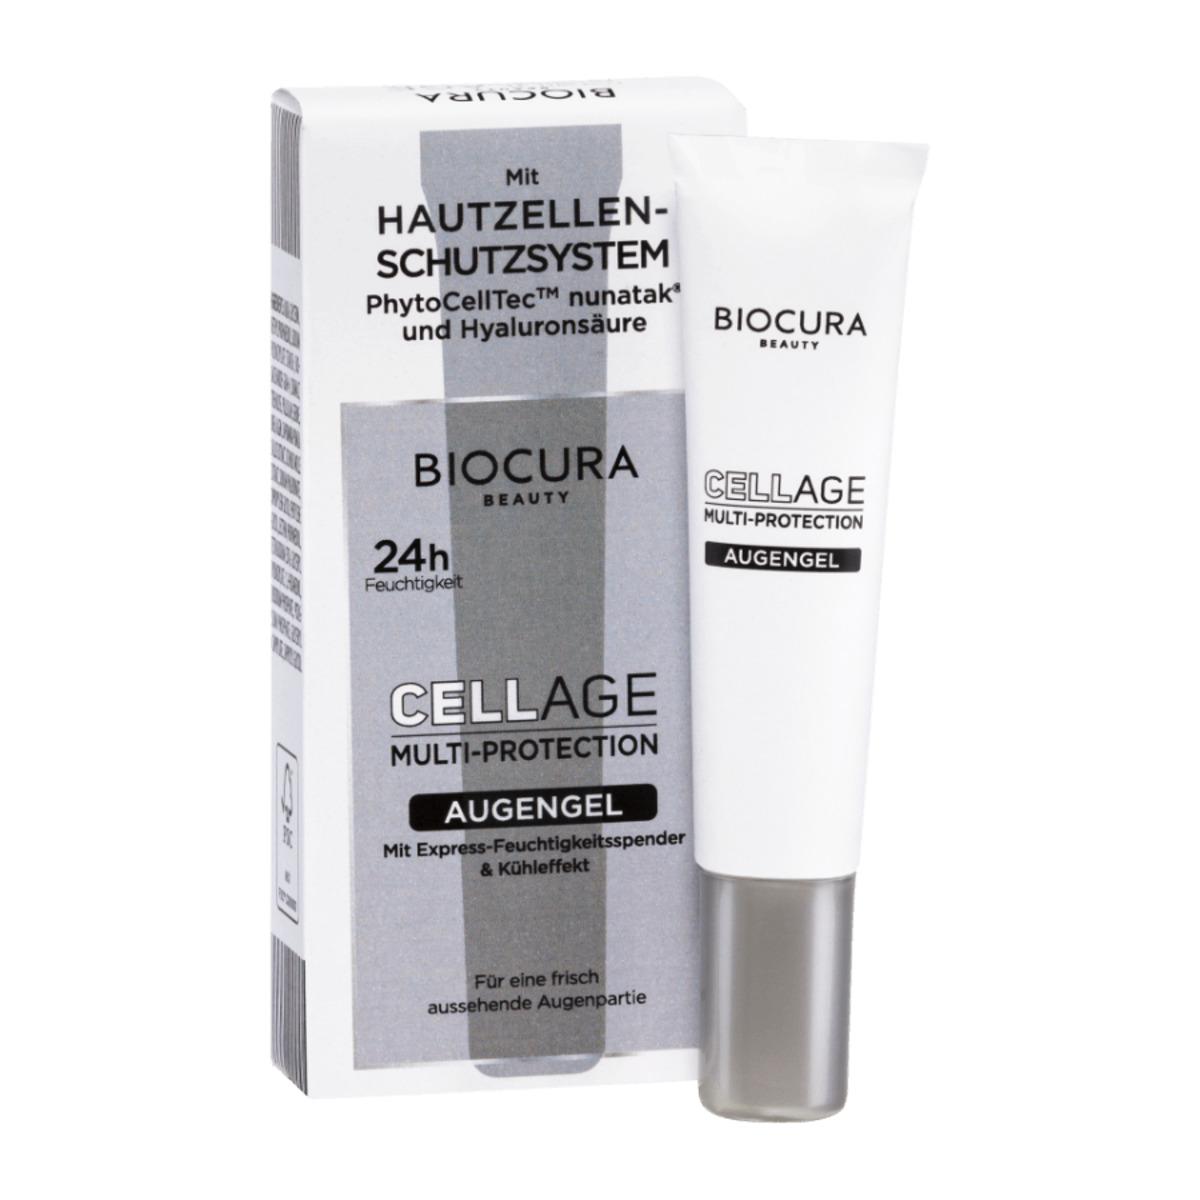 Bild 2 von BIOCURA     Cellage Multi-Protection Augengel/Intensiv Serum